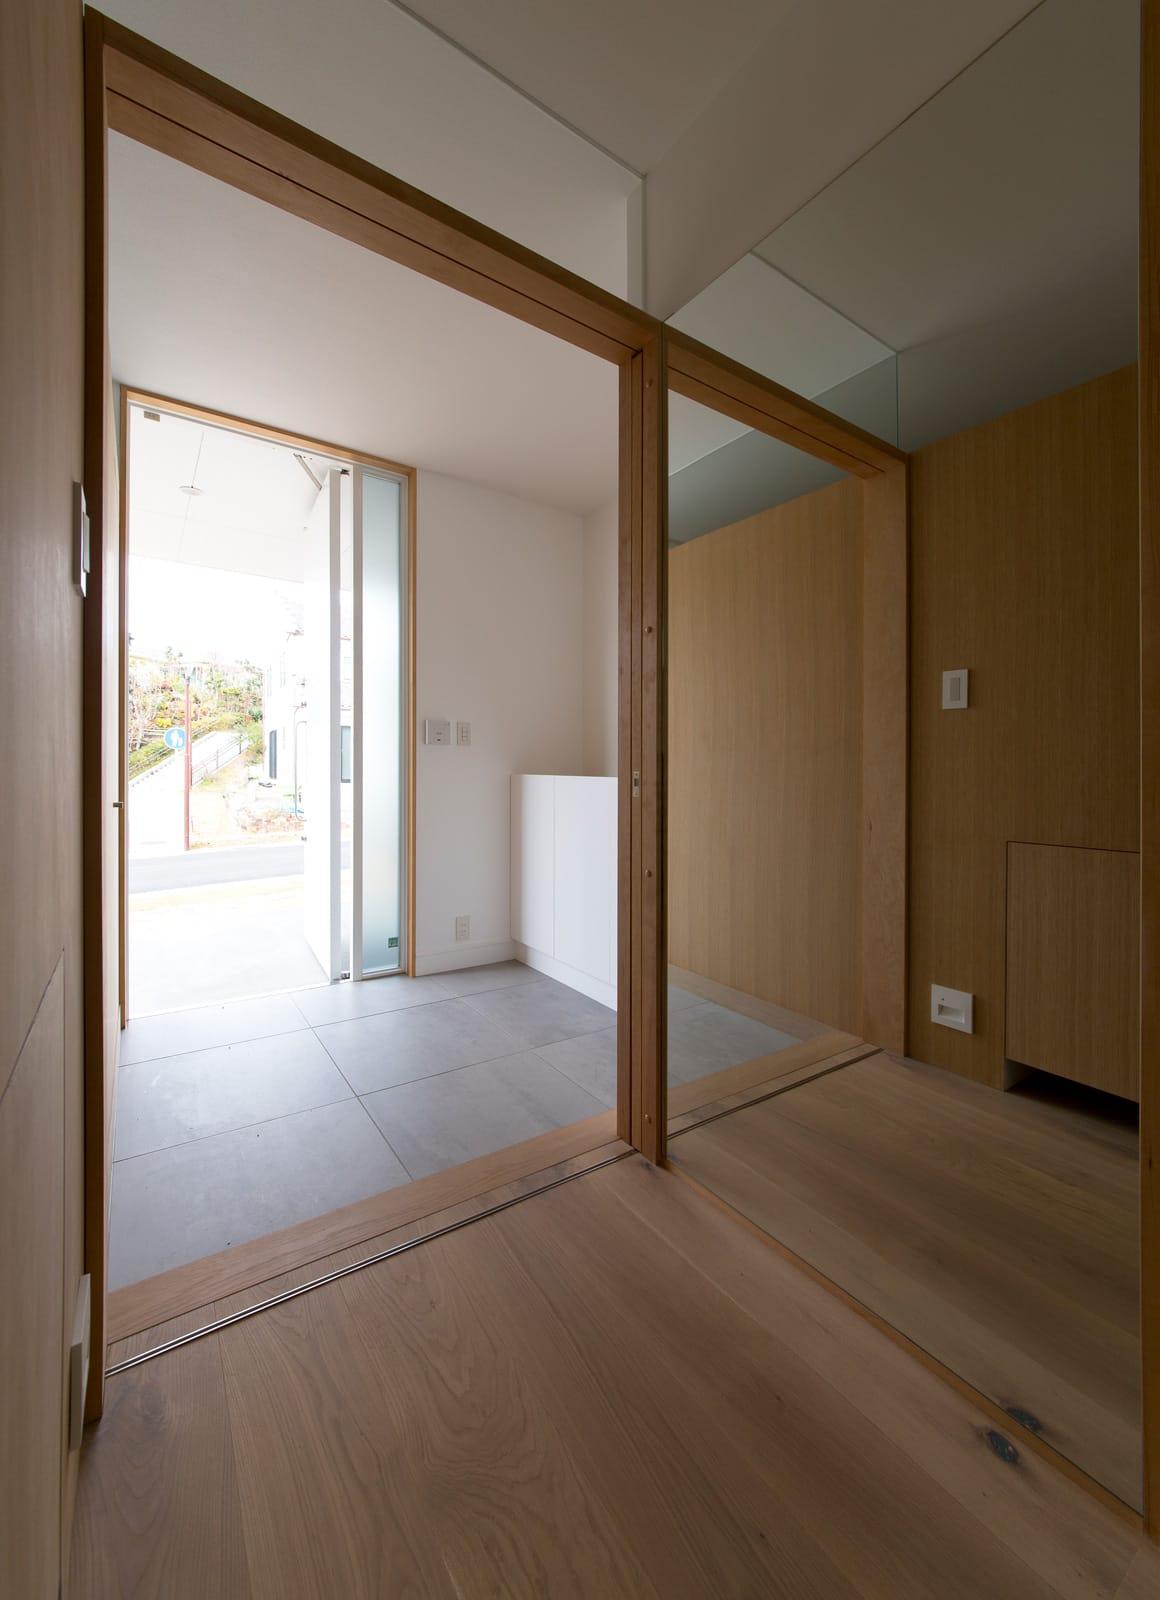 サンルームのある二世帯住宅の玄関(土間・ホール)3